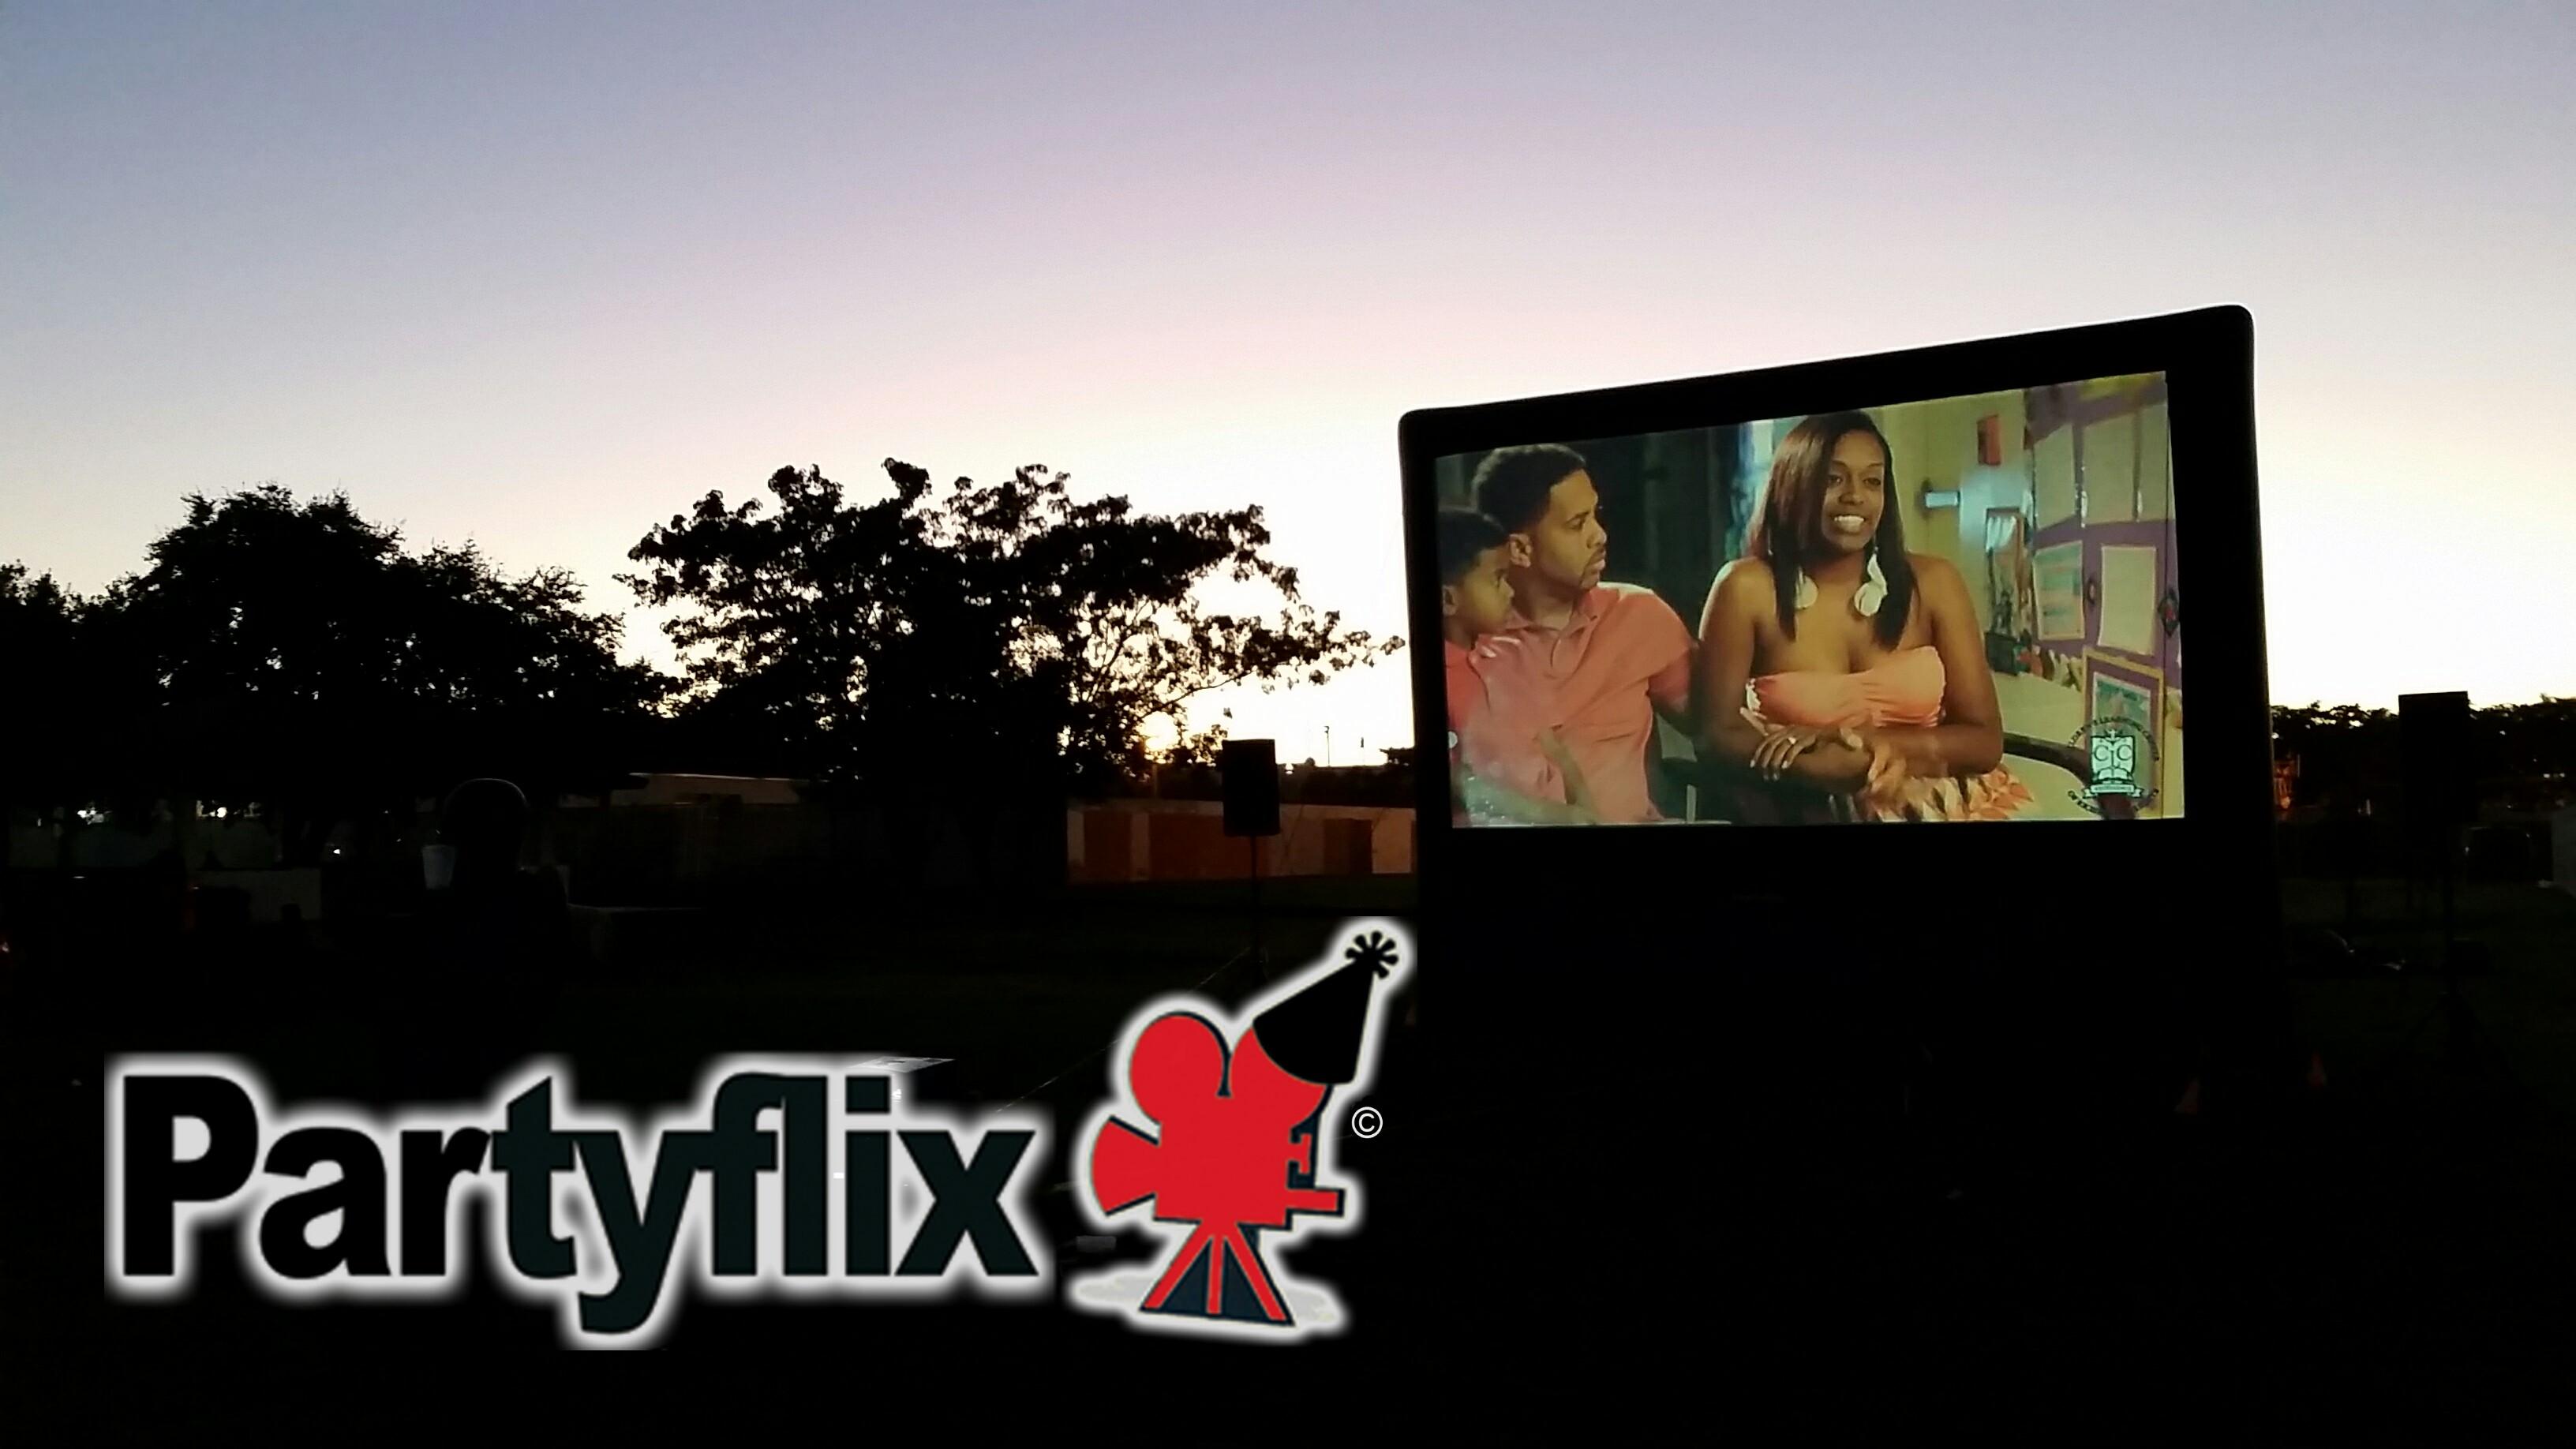 Outdoor Screen Rentals in Houston